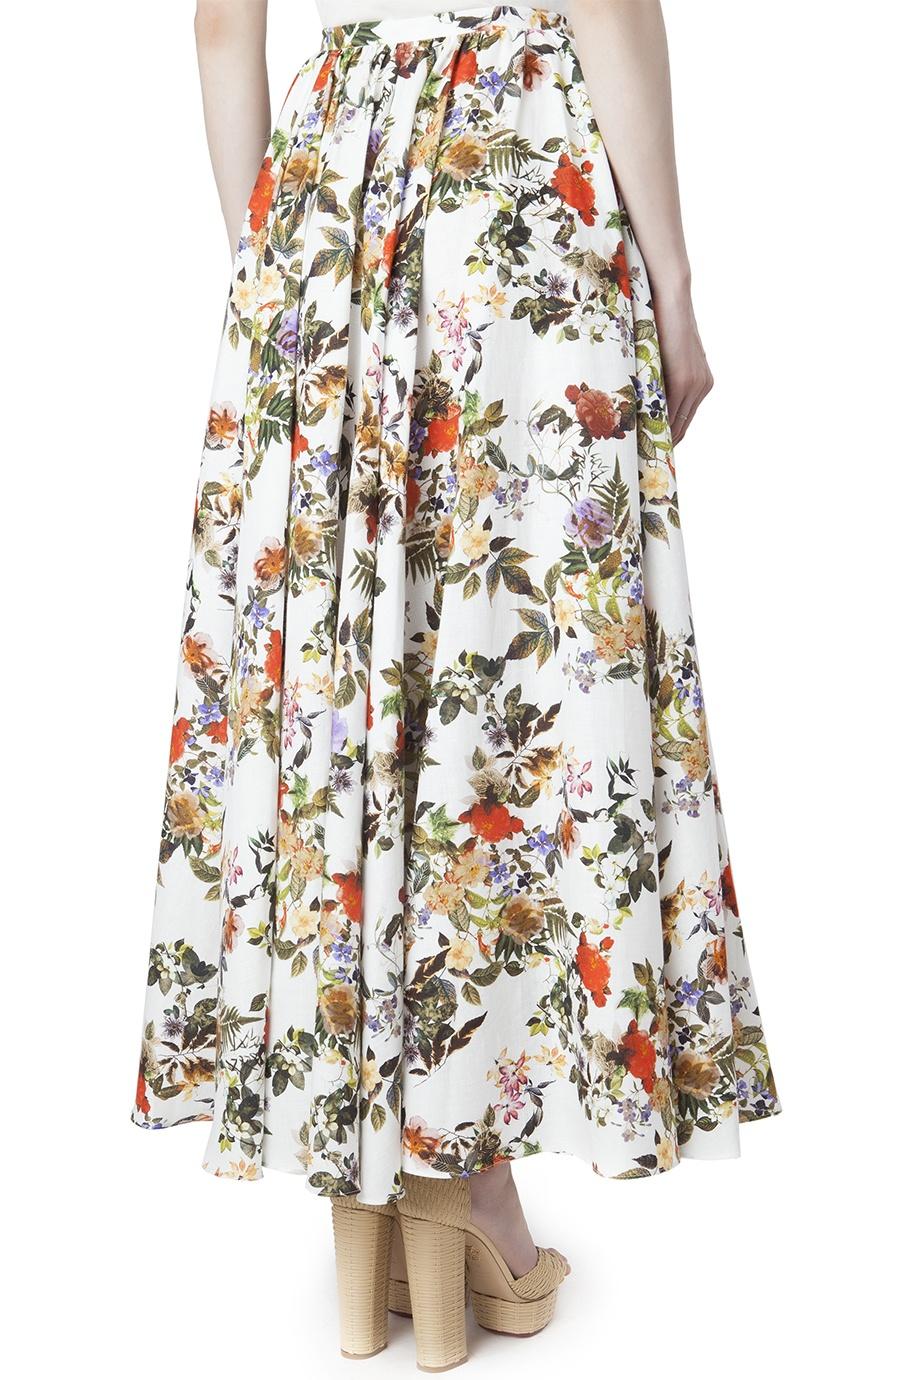 Купить юбку из хлопка льна